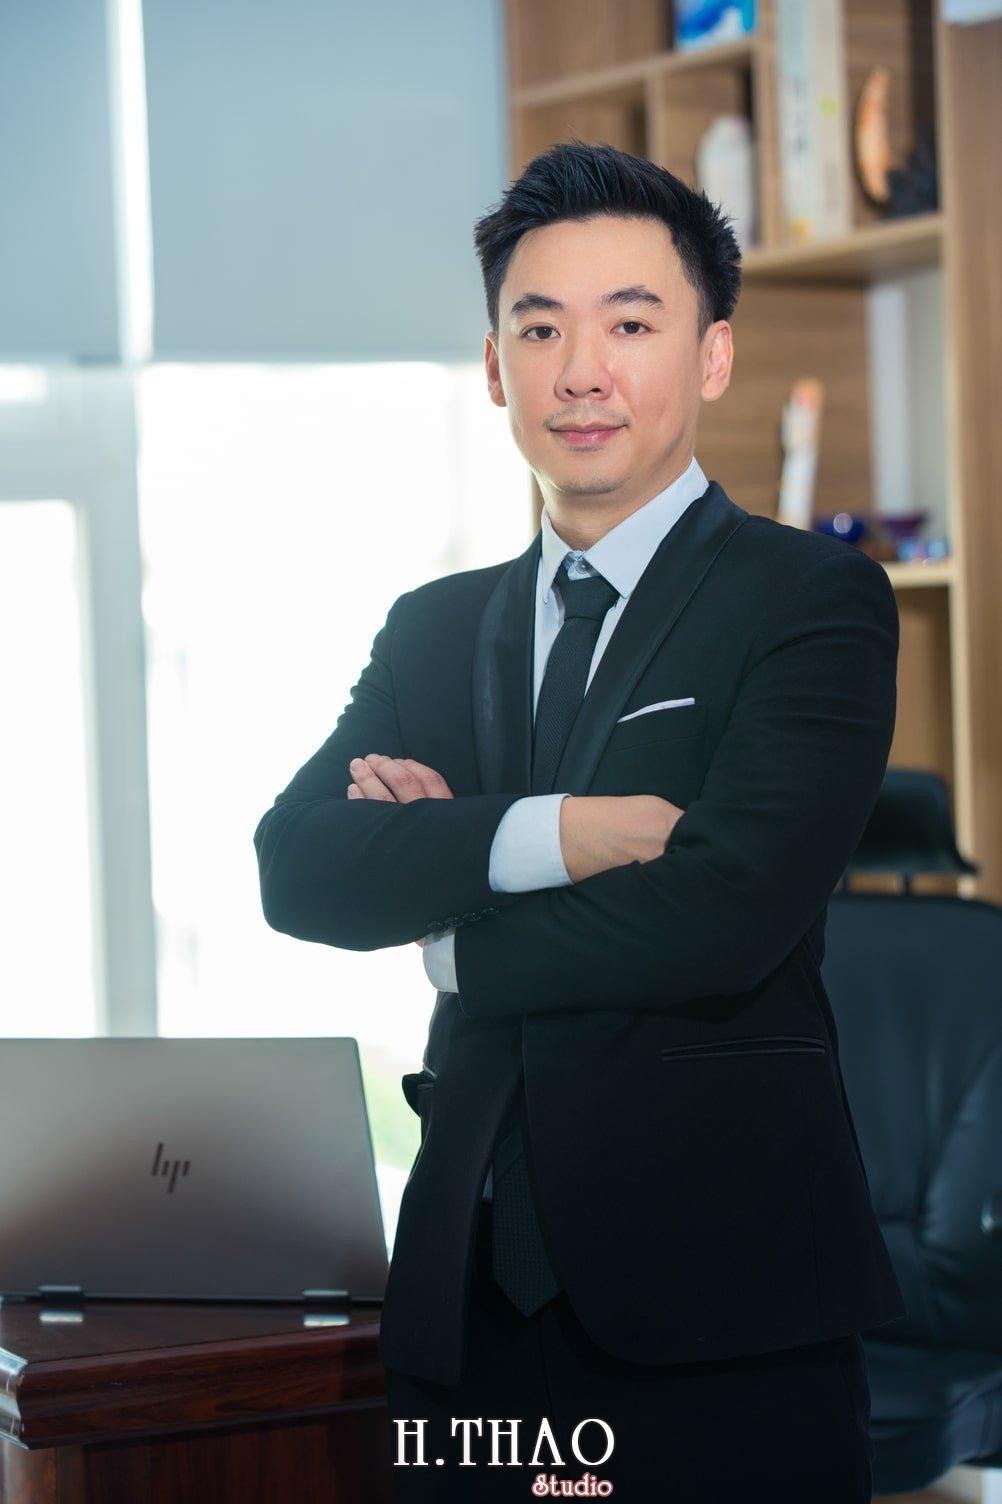 Ricky 3 - Bộ ảnh giám đốc Ricky lịch lãm phong cách - HThao Studio